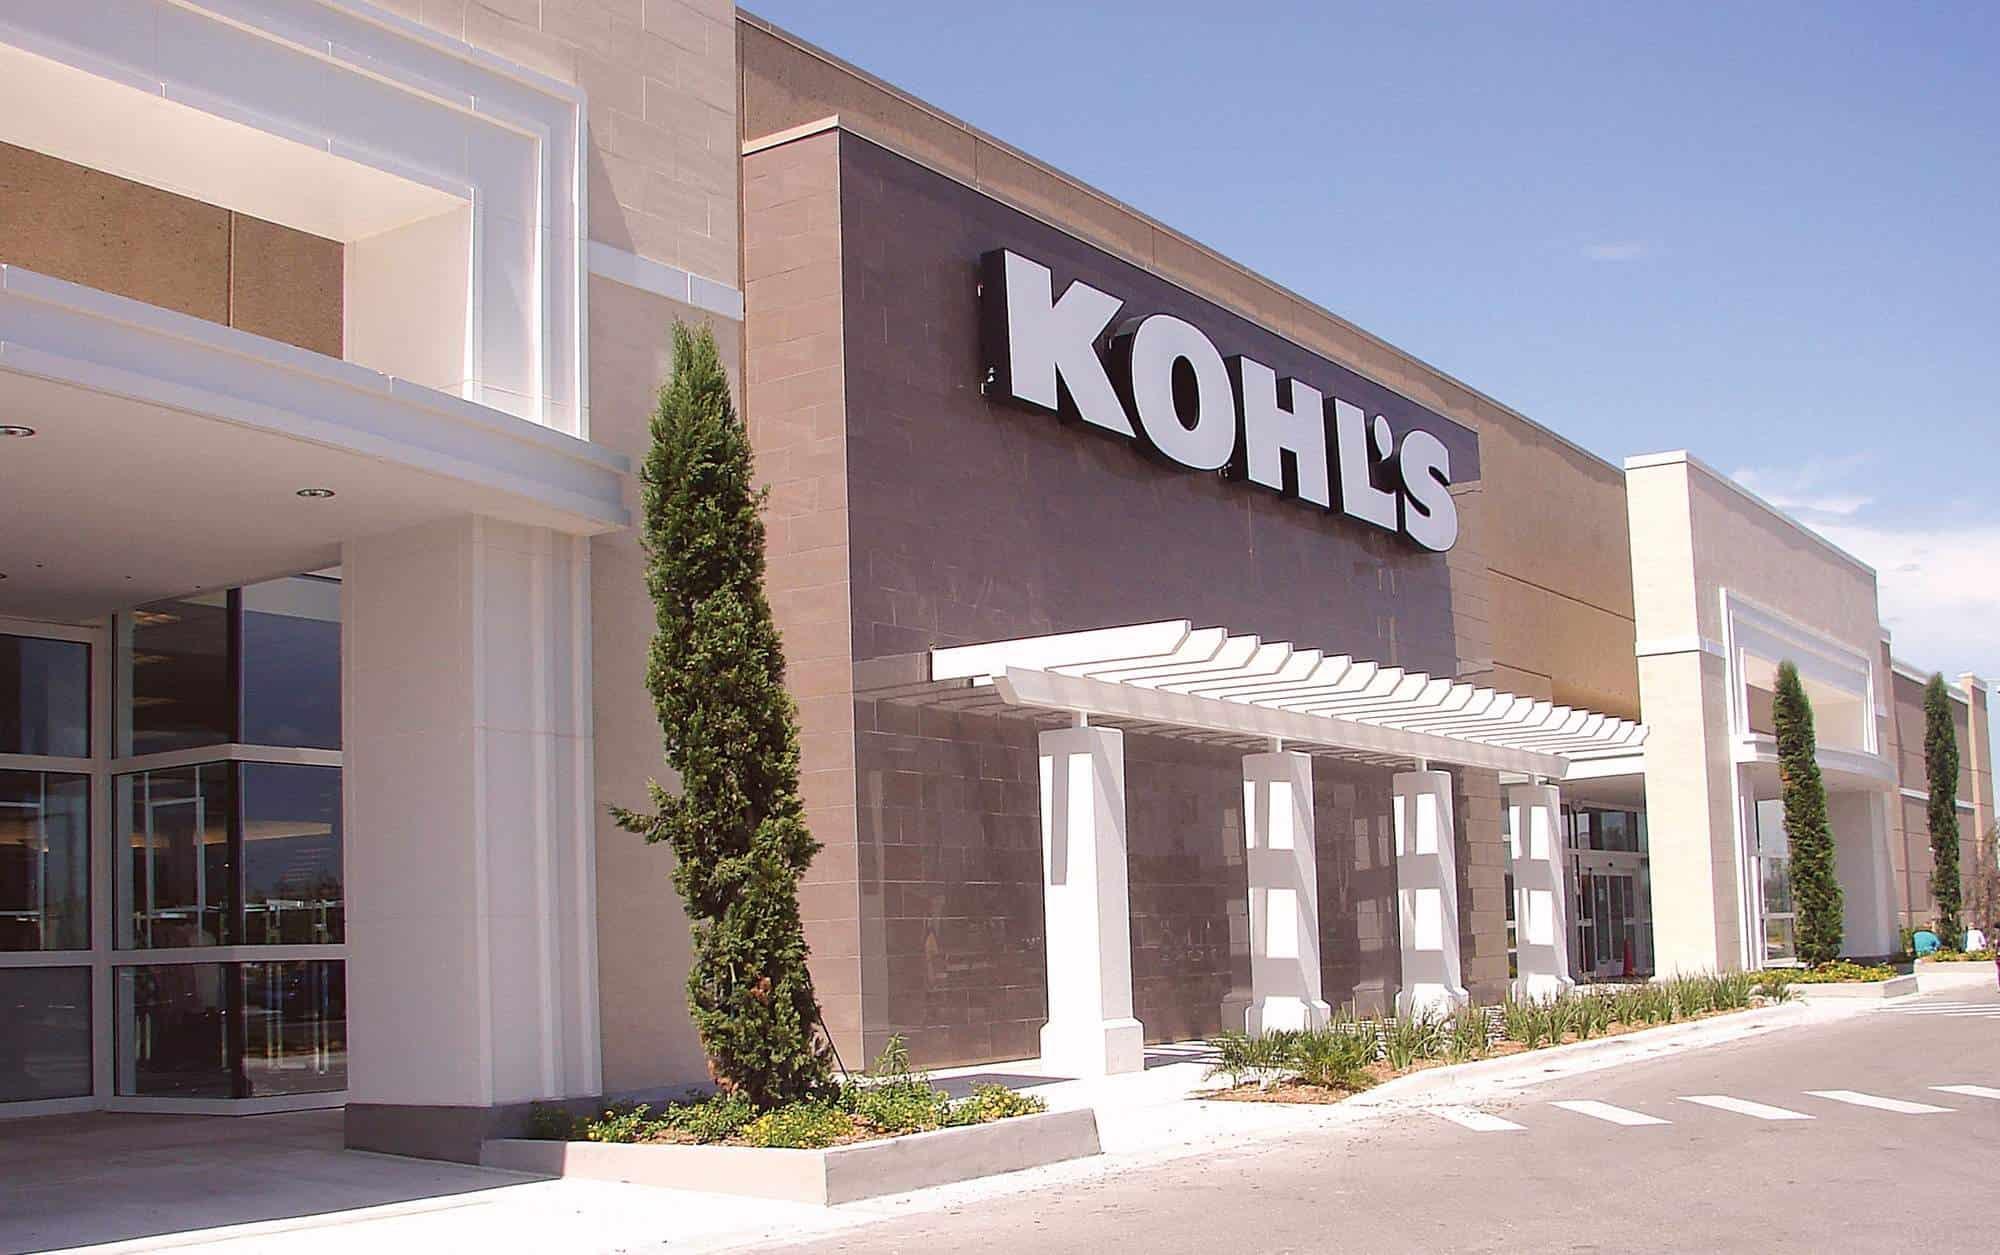 Kohl's Find Near Me